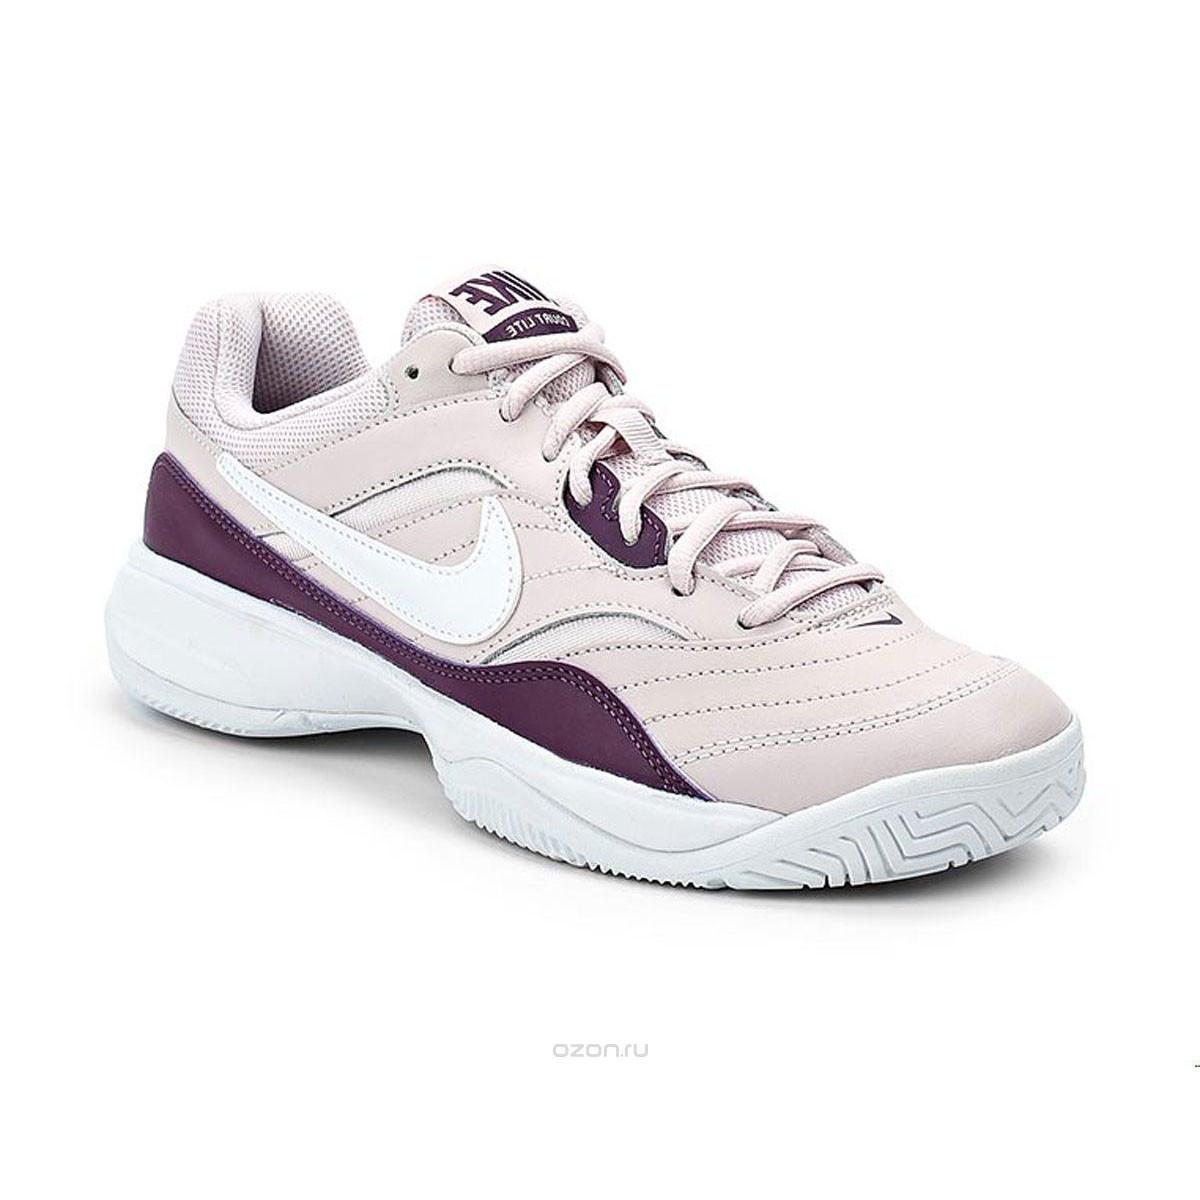 5754d554 Женские теннисные кроссовки Nike Court Lite (845048-651): продажа ...